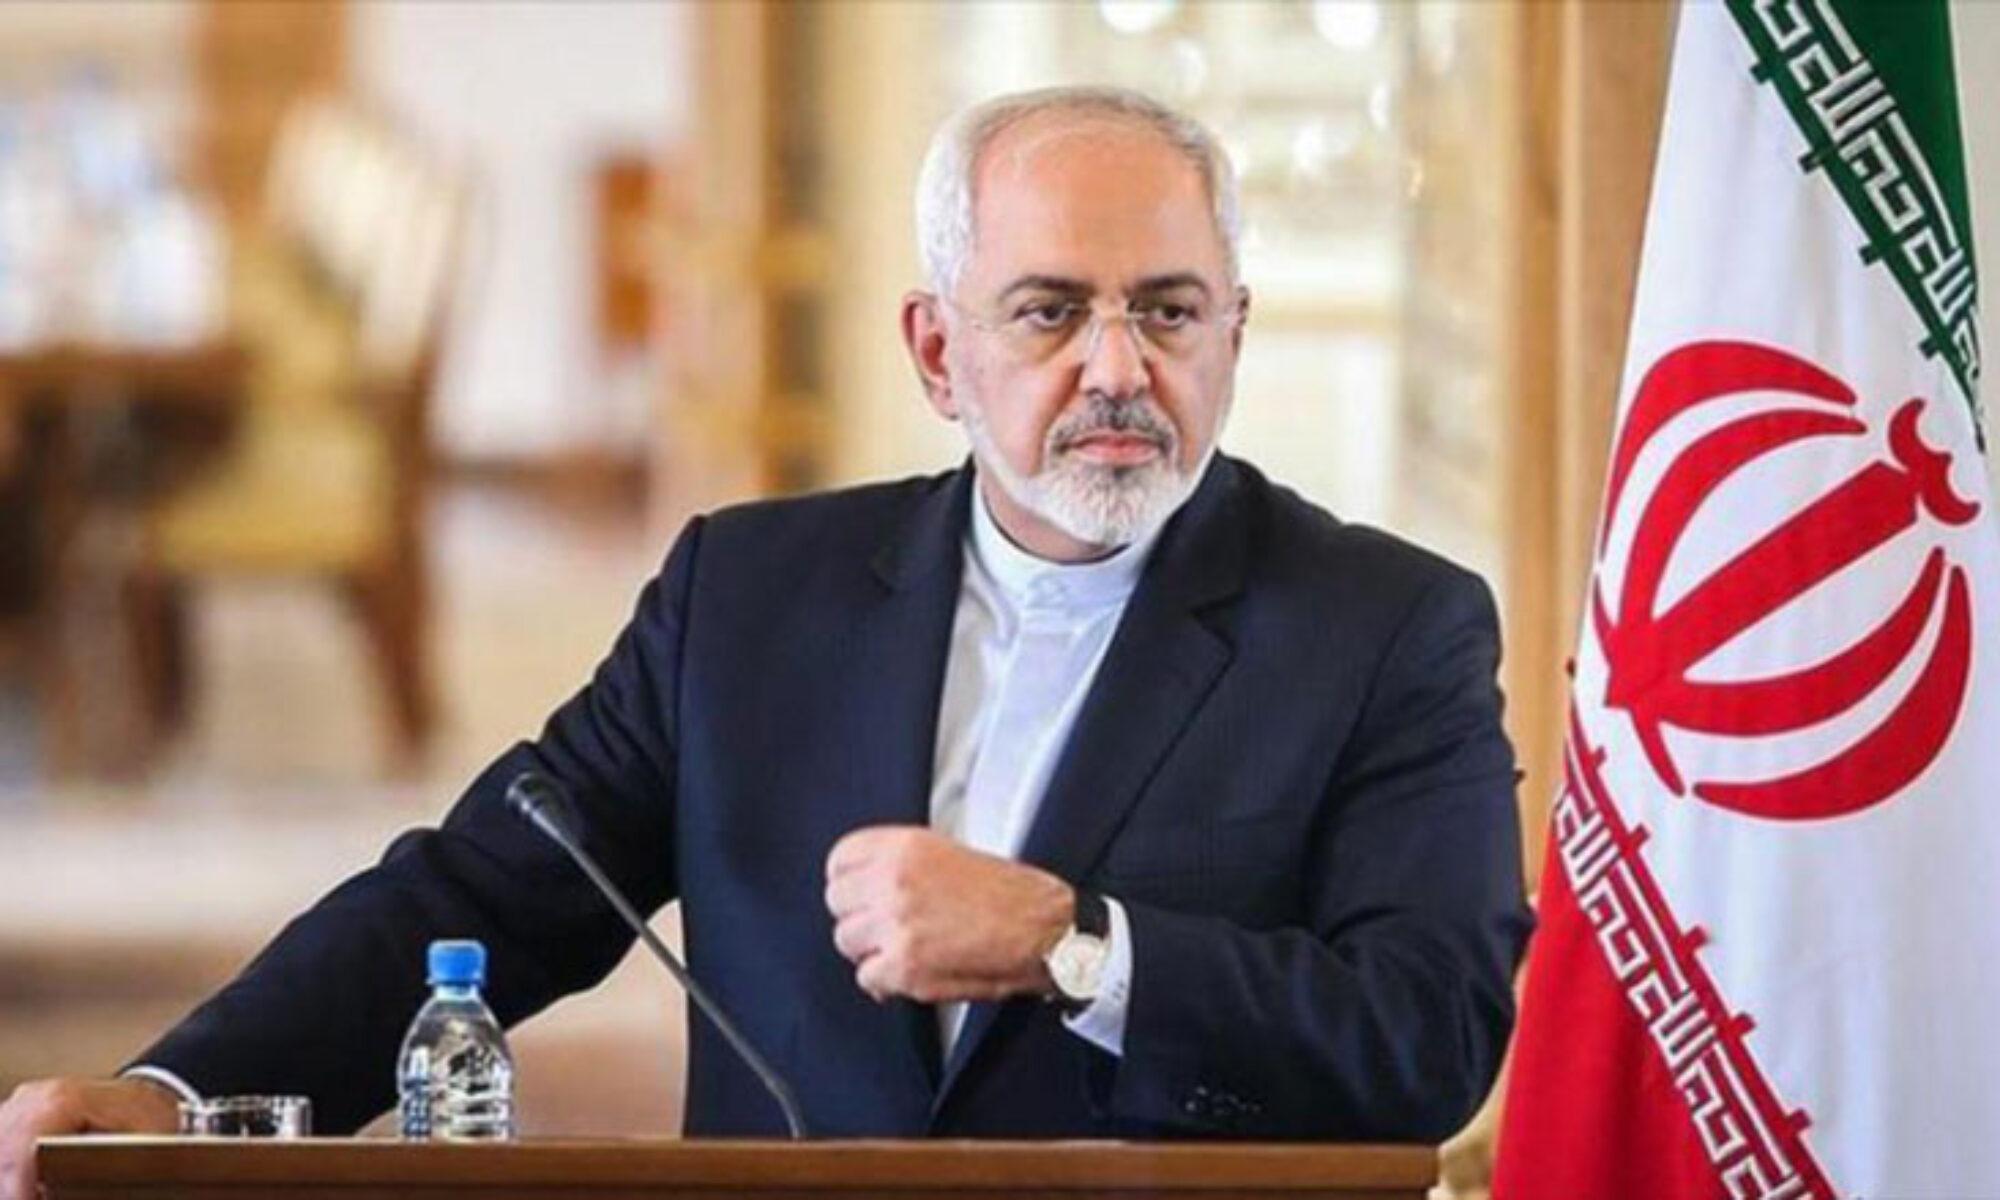 İran Dışişleri Bakanı Zarif'in Erbil ziyareti başladı, gözler zamanlaması manidar görüşmede